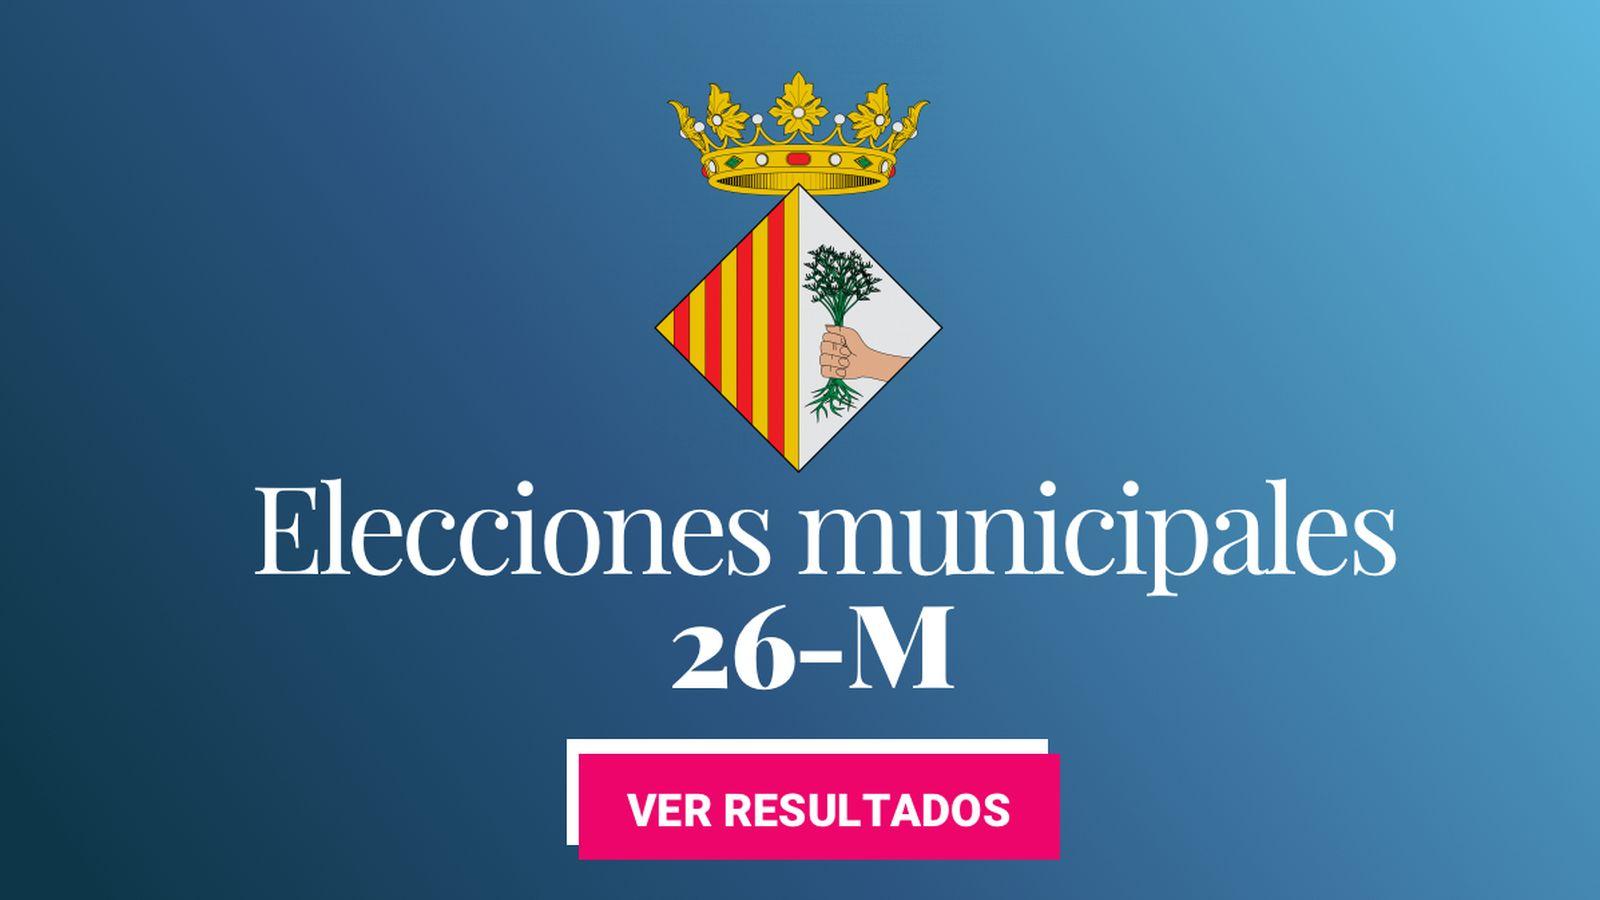 Foto: Elecciones municipales 2019 en Mataró. (C.C./EC)